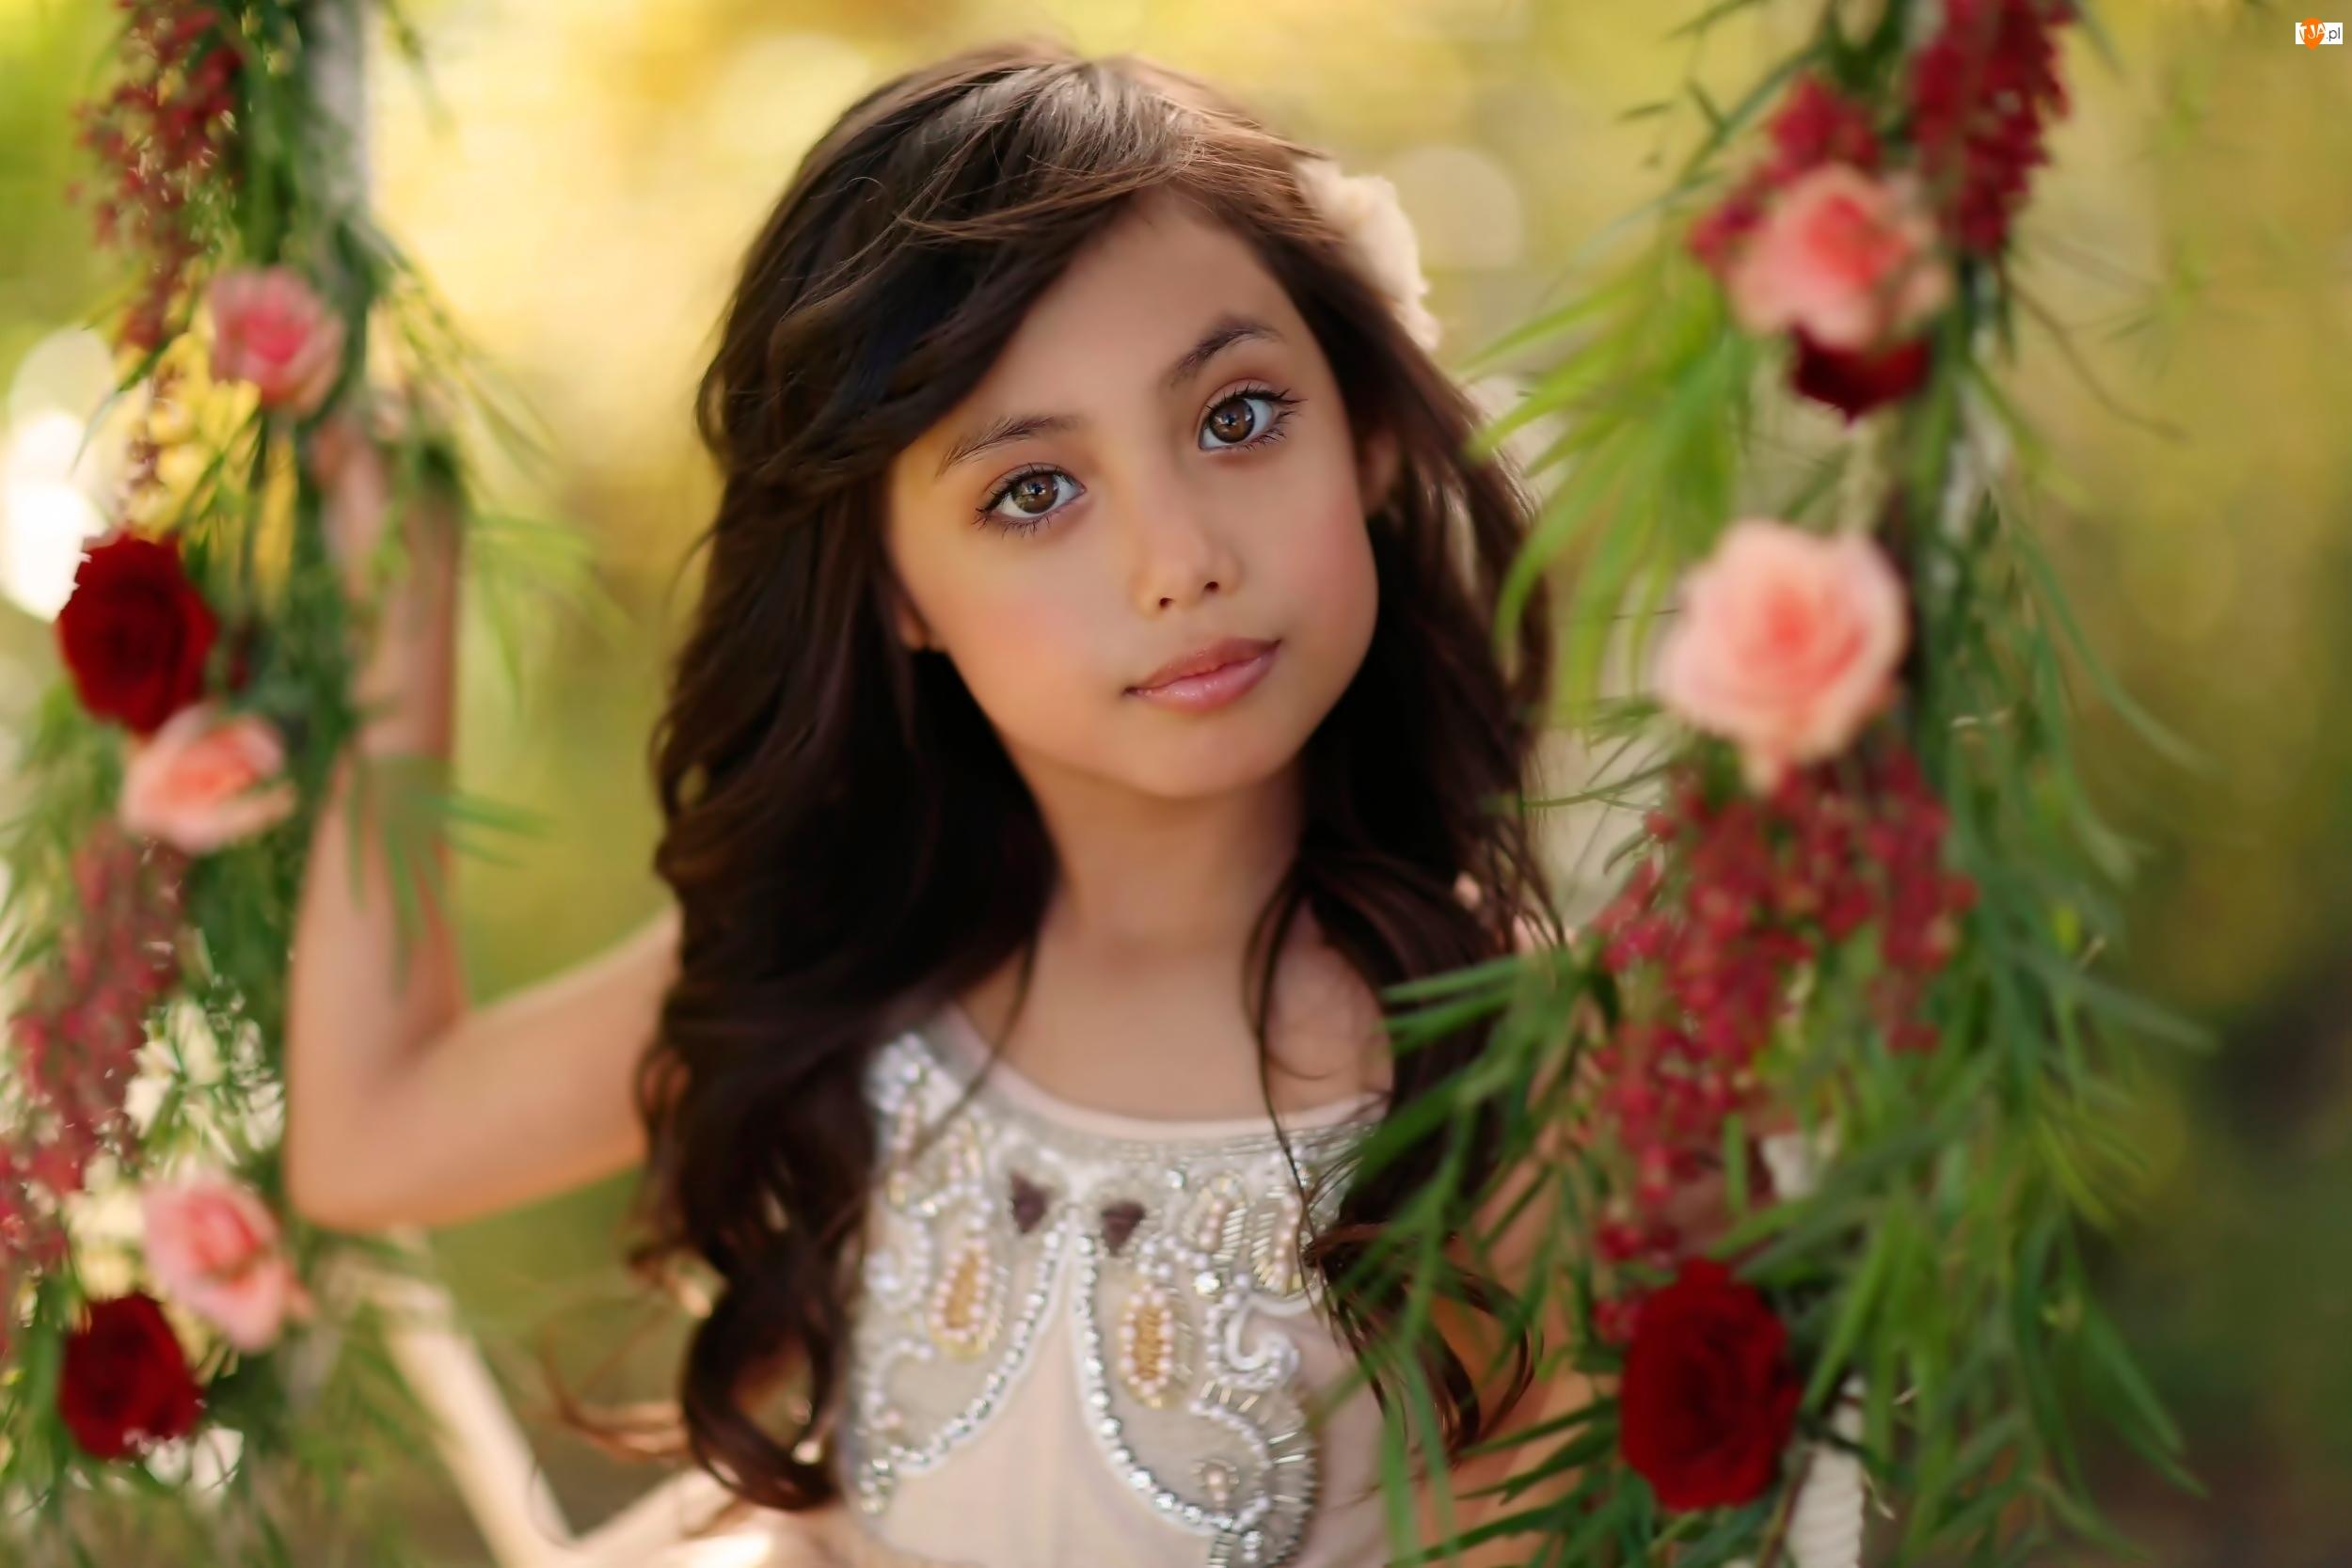 Śliczna, Kwiaty, Dziewczynka, Huśtawka